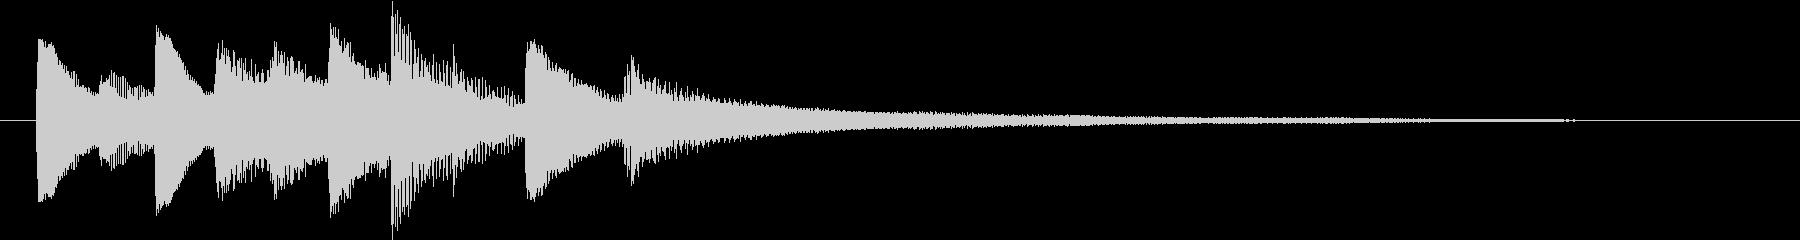 CMや映像に温かいピアノジングル v3の未再生の波形